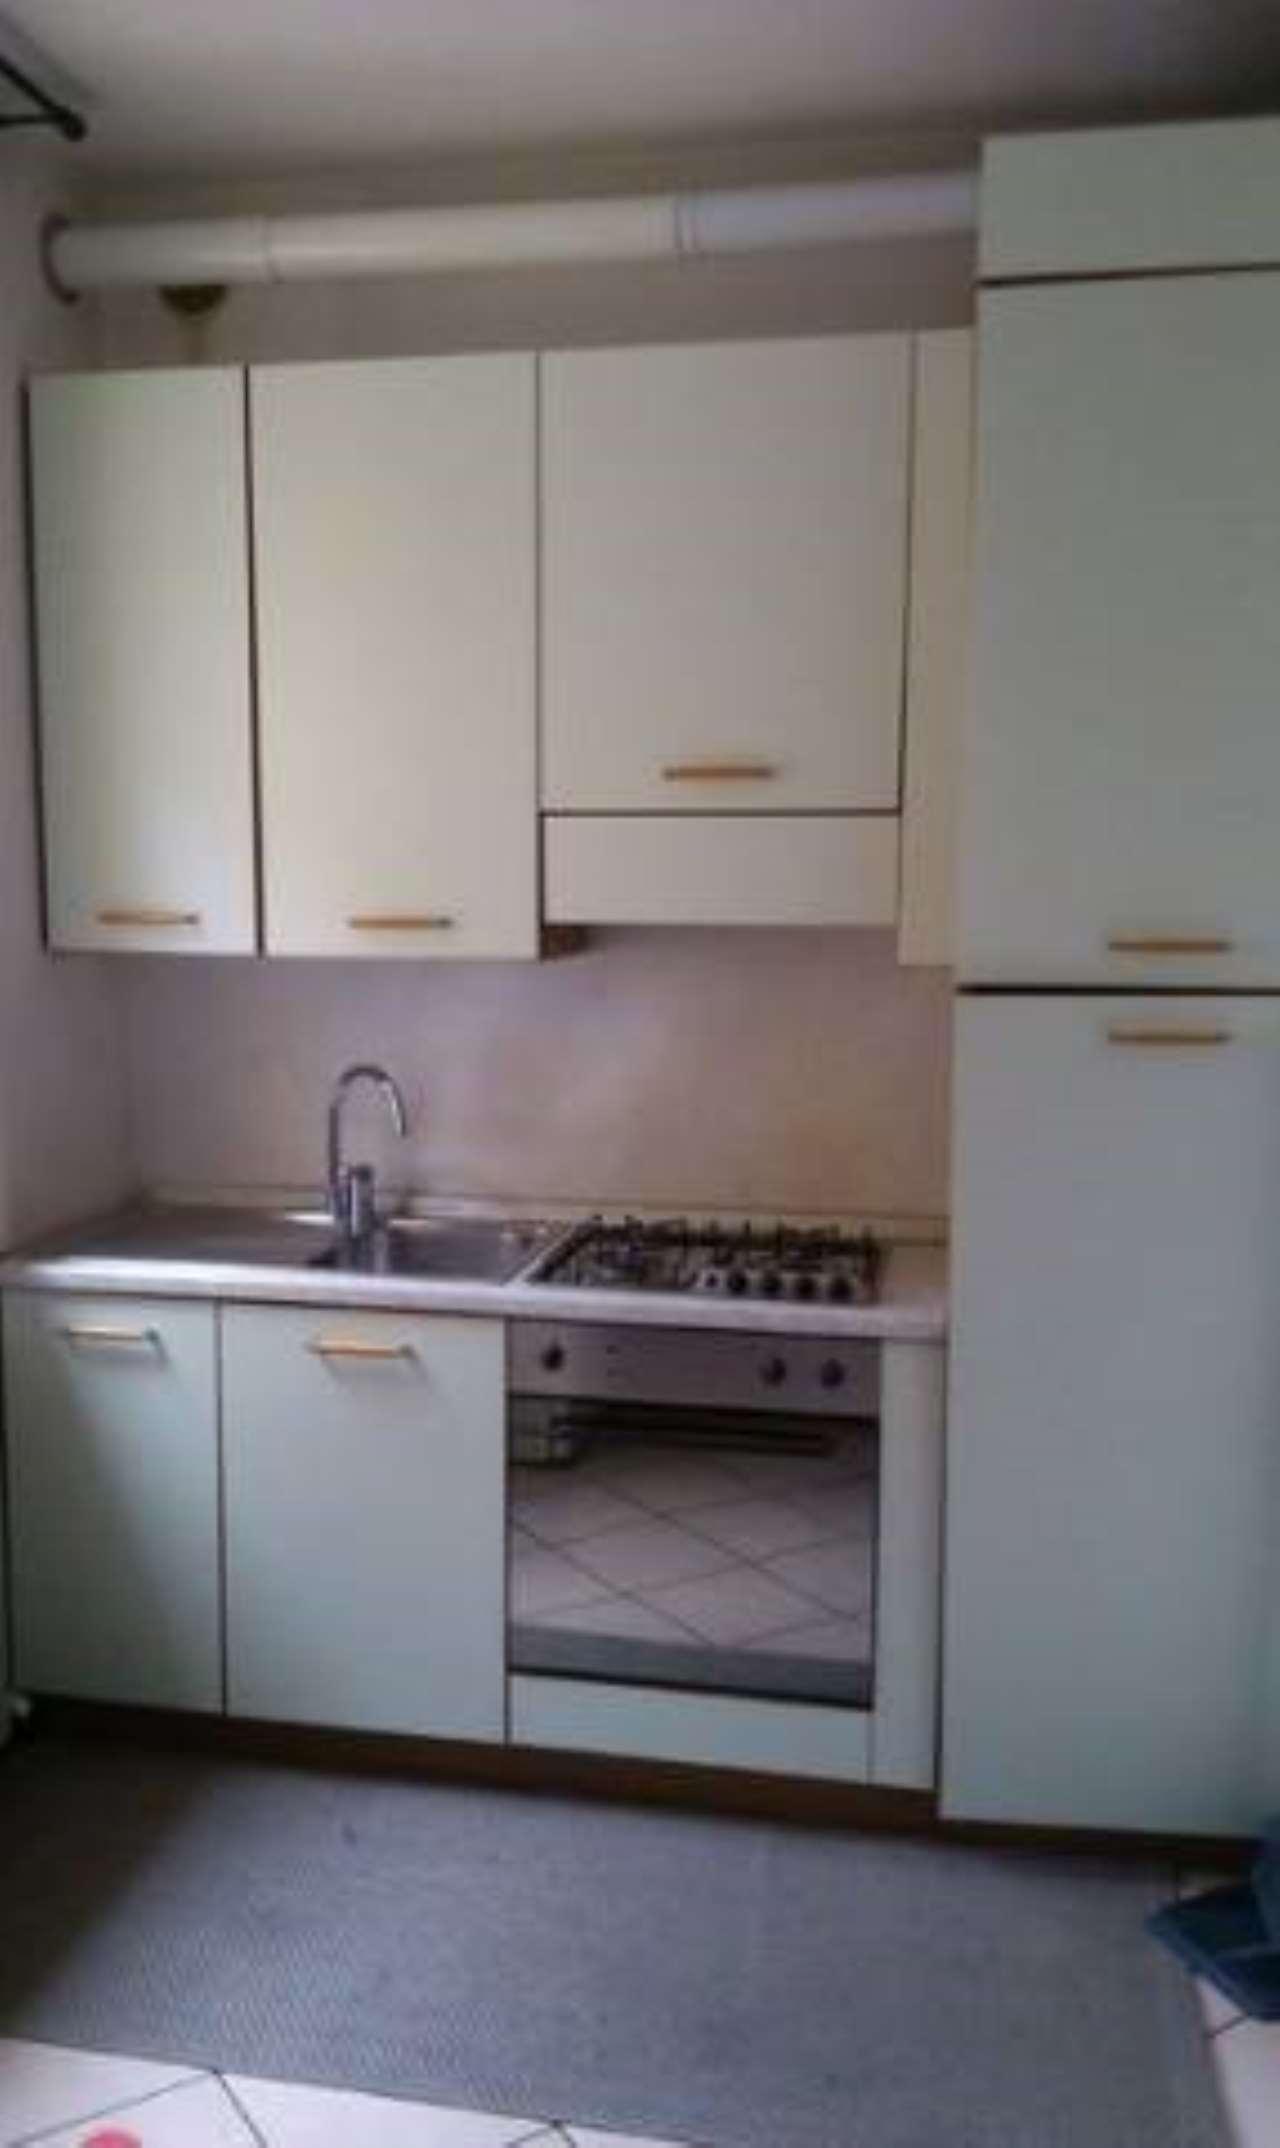 Appartamento in vendita a Carpi, 3 locali, prezzo € 160.000 | CambioCasa.it